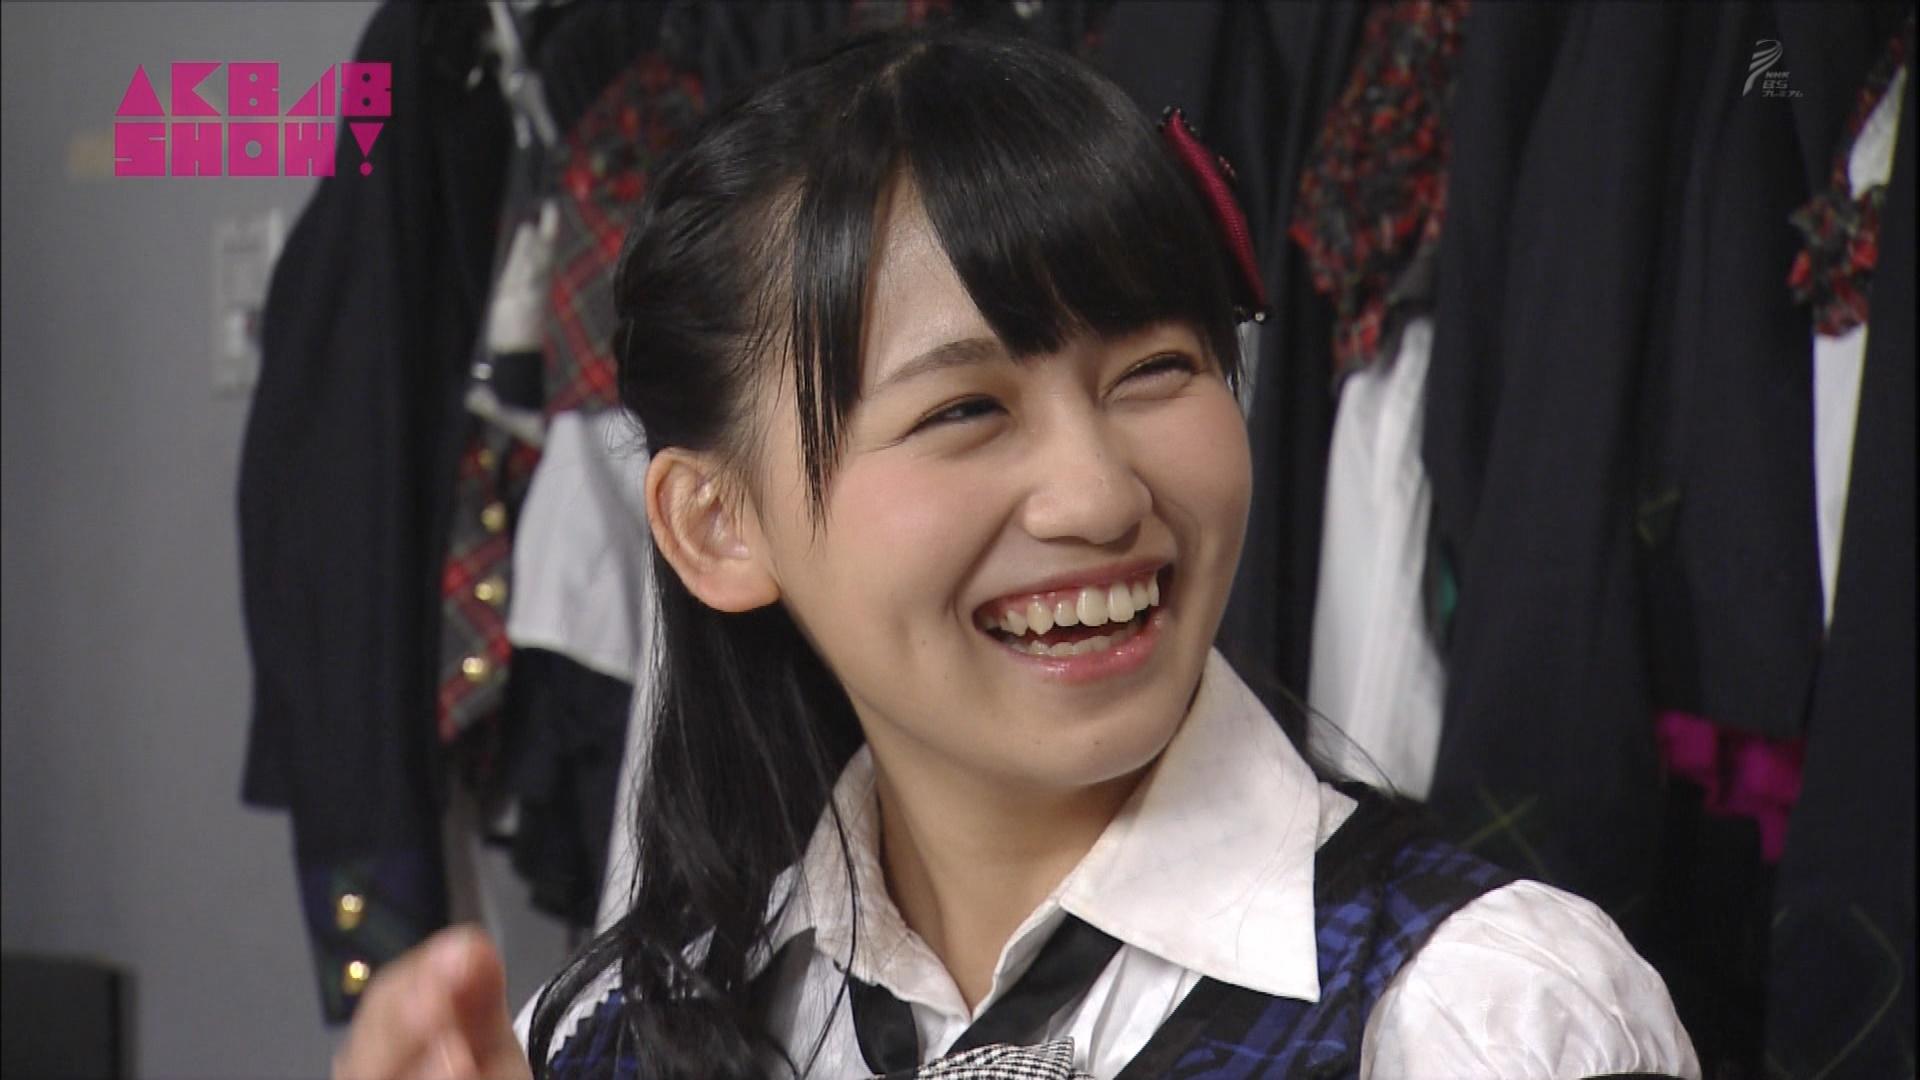 小嶋真子 彼女になれますか AKB48SHOW! 20140906 (9)